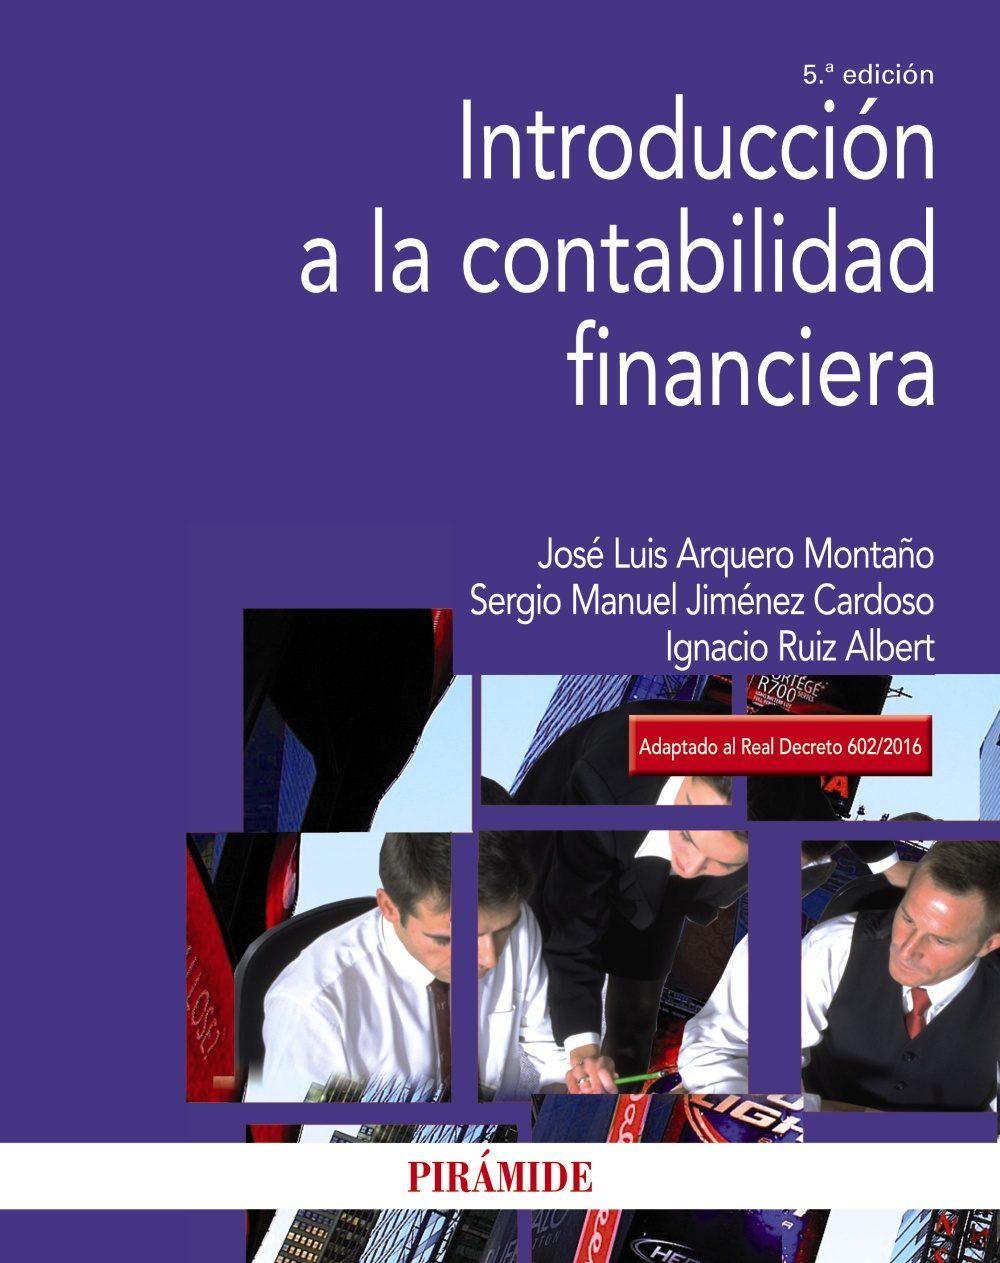 introduccion a la contabilidad financiera (5ª ed.)-jose luis arquero montaño-sergio m. jimenez cardoso-ignacio ruiz albert-9788436838053